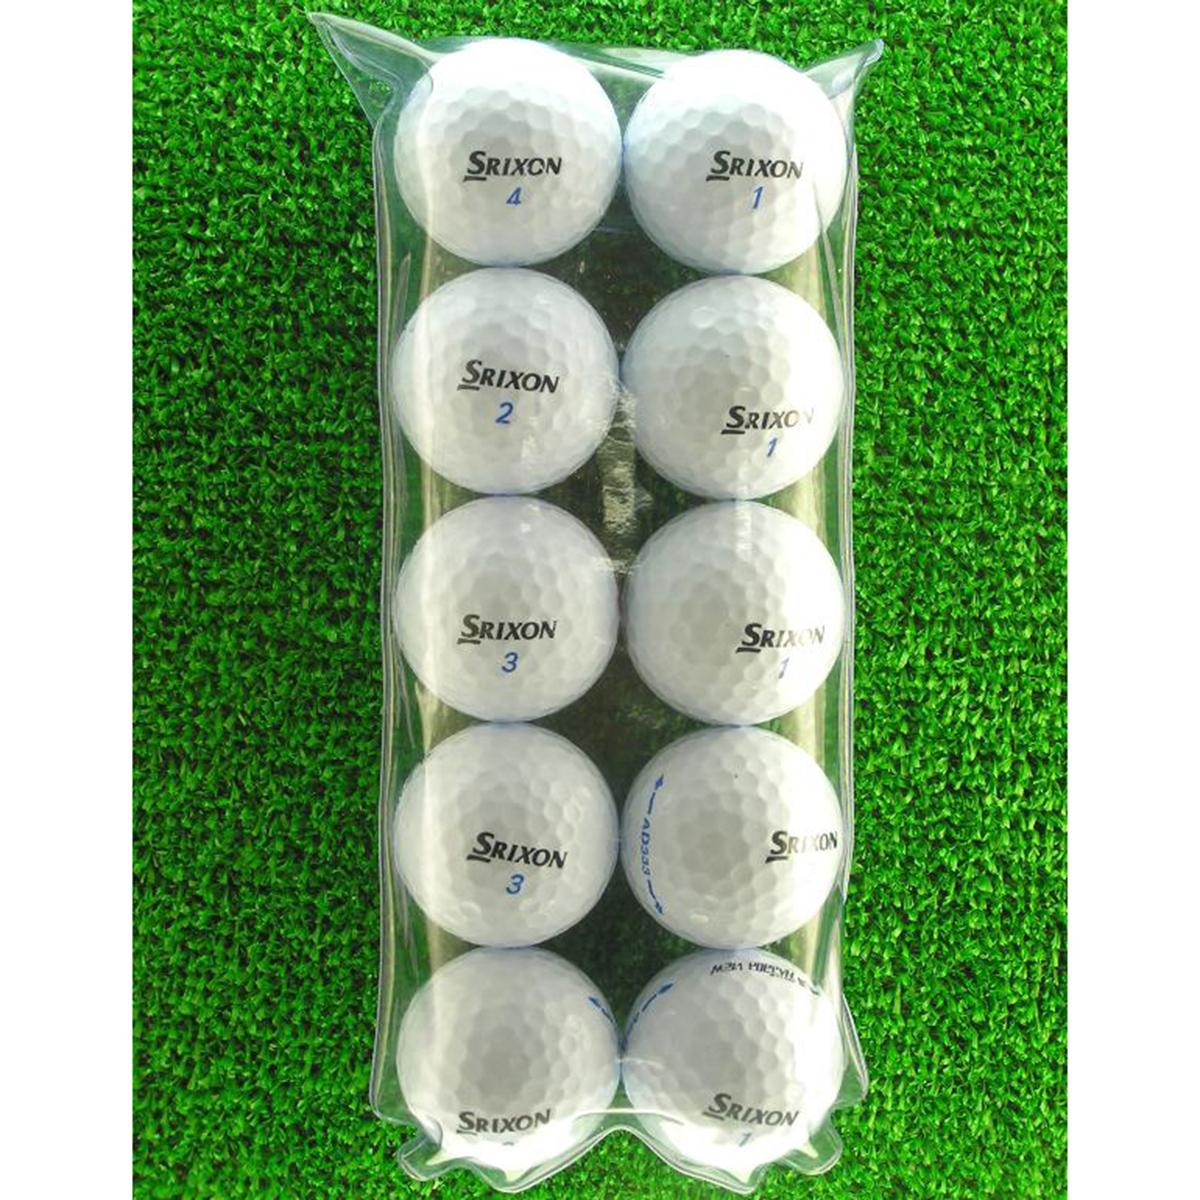 メイホウゴルフ ロストボール スリクソン AD333 ホワイト 10個入り5パック50個セット